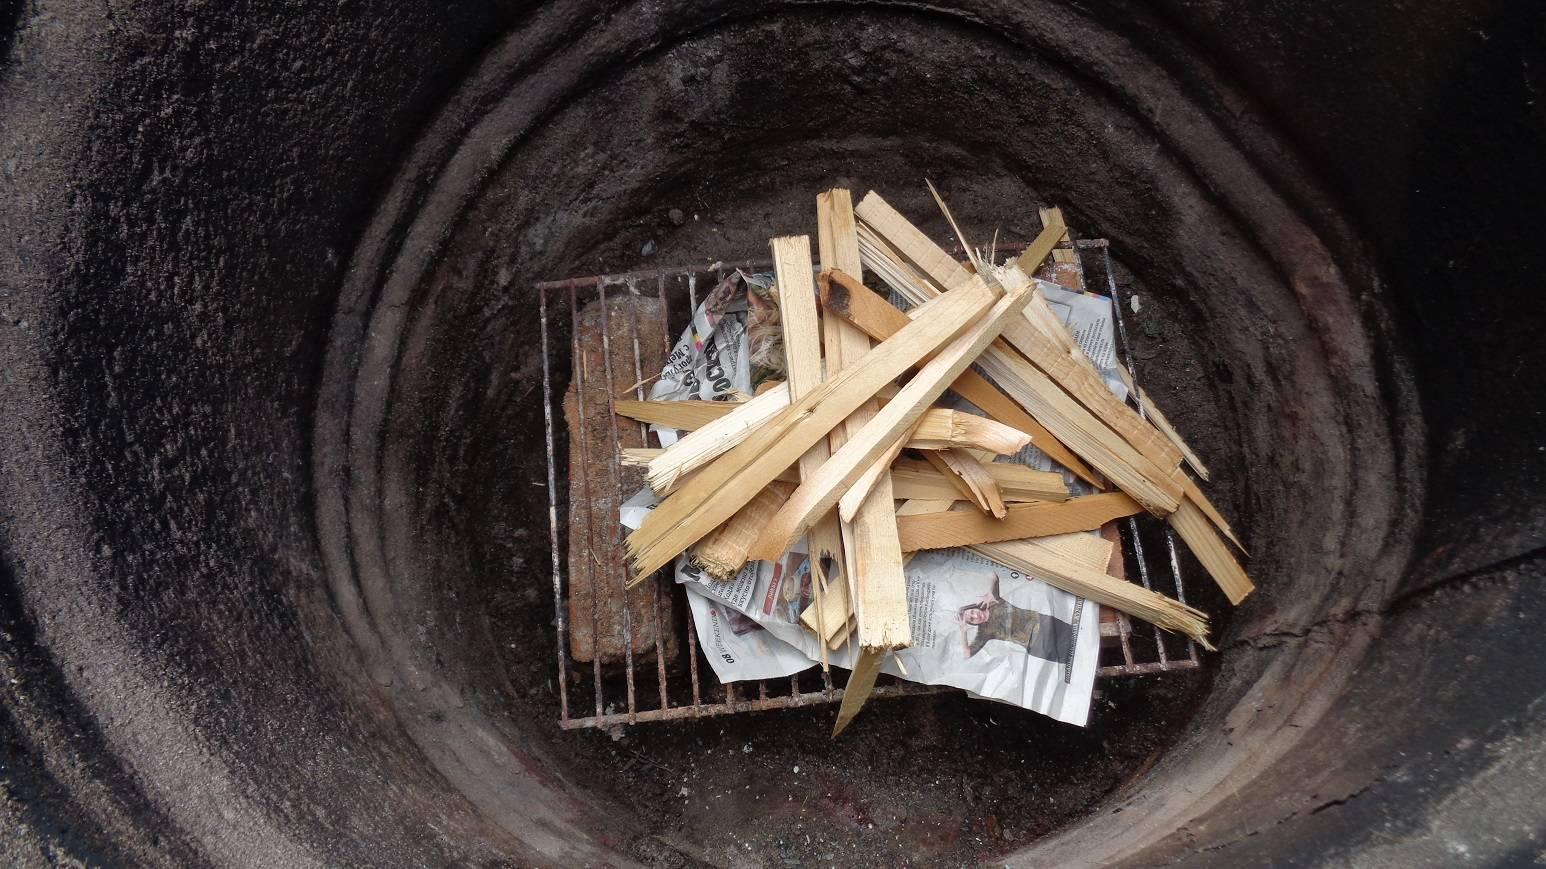 Как сделать бочку для сжигания мусора на даче своими руками